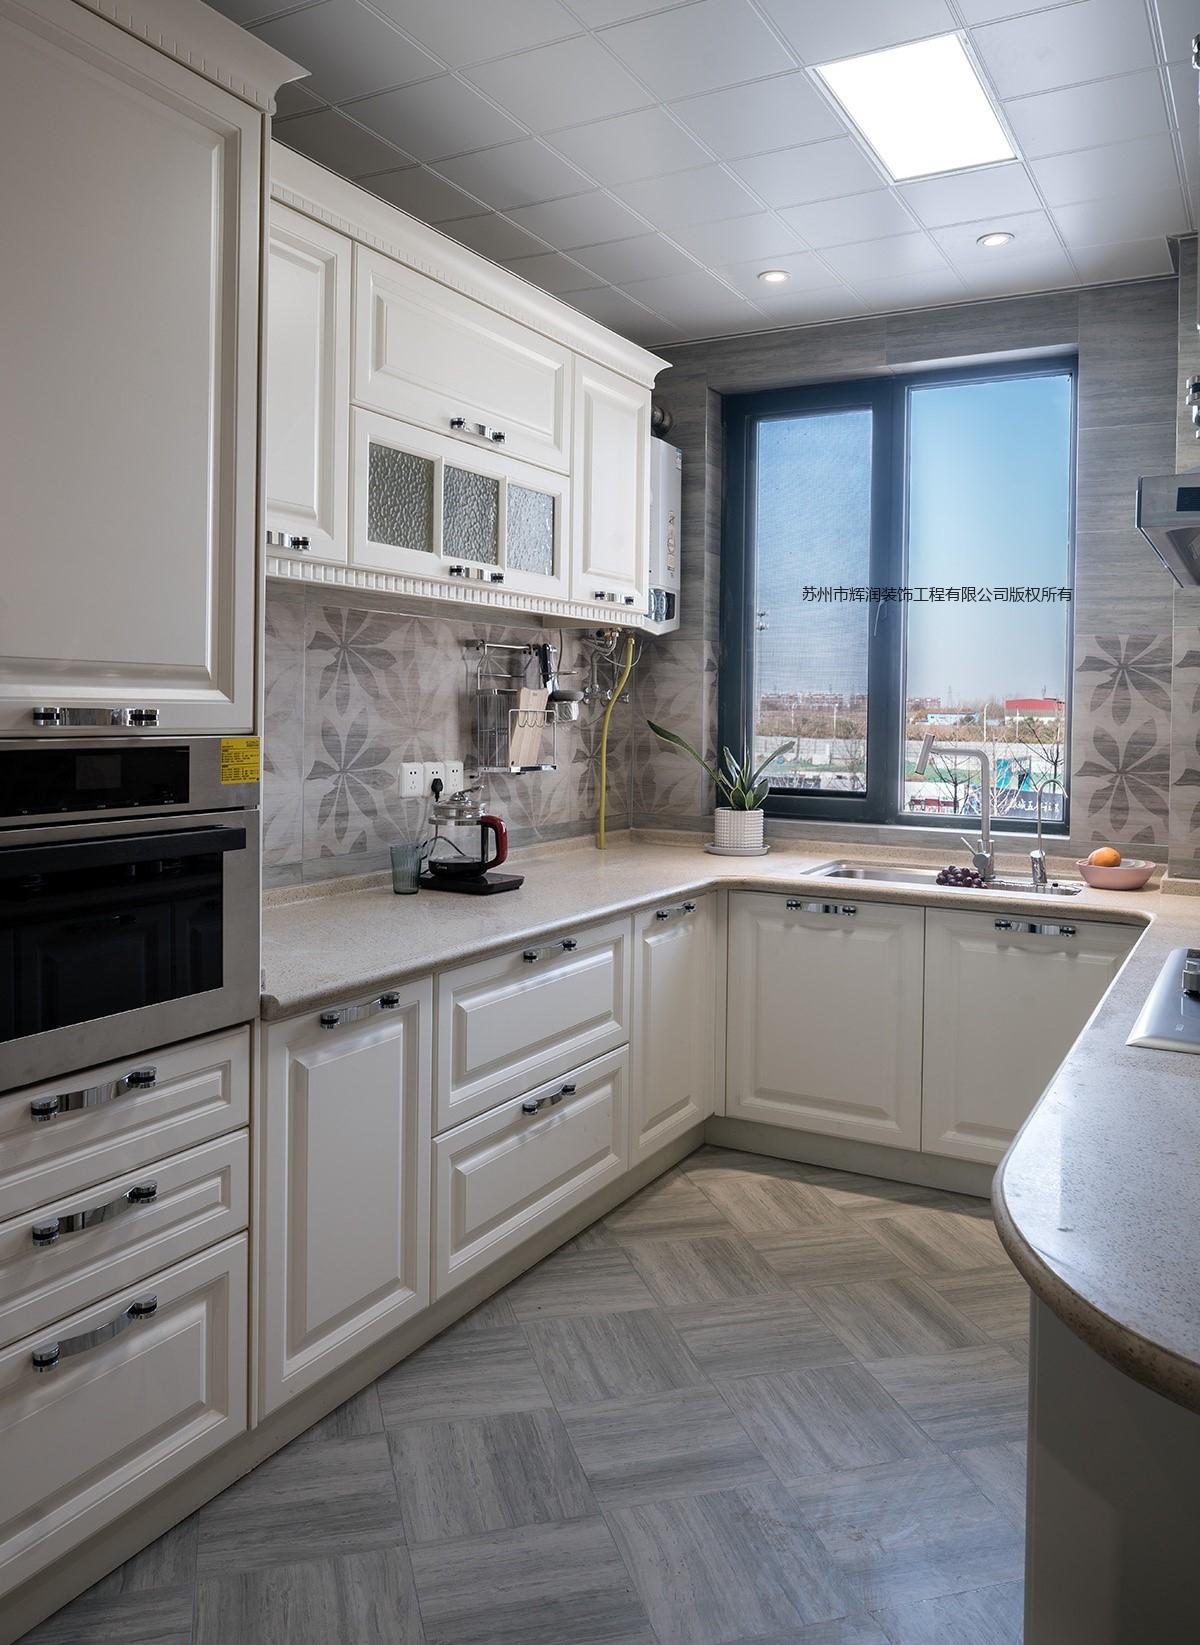 家装空间设计案例之春天花园厨房